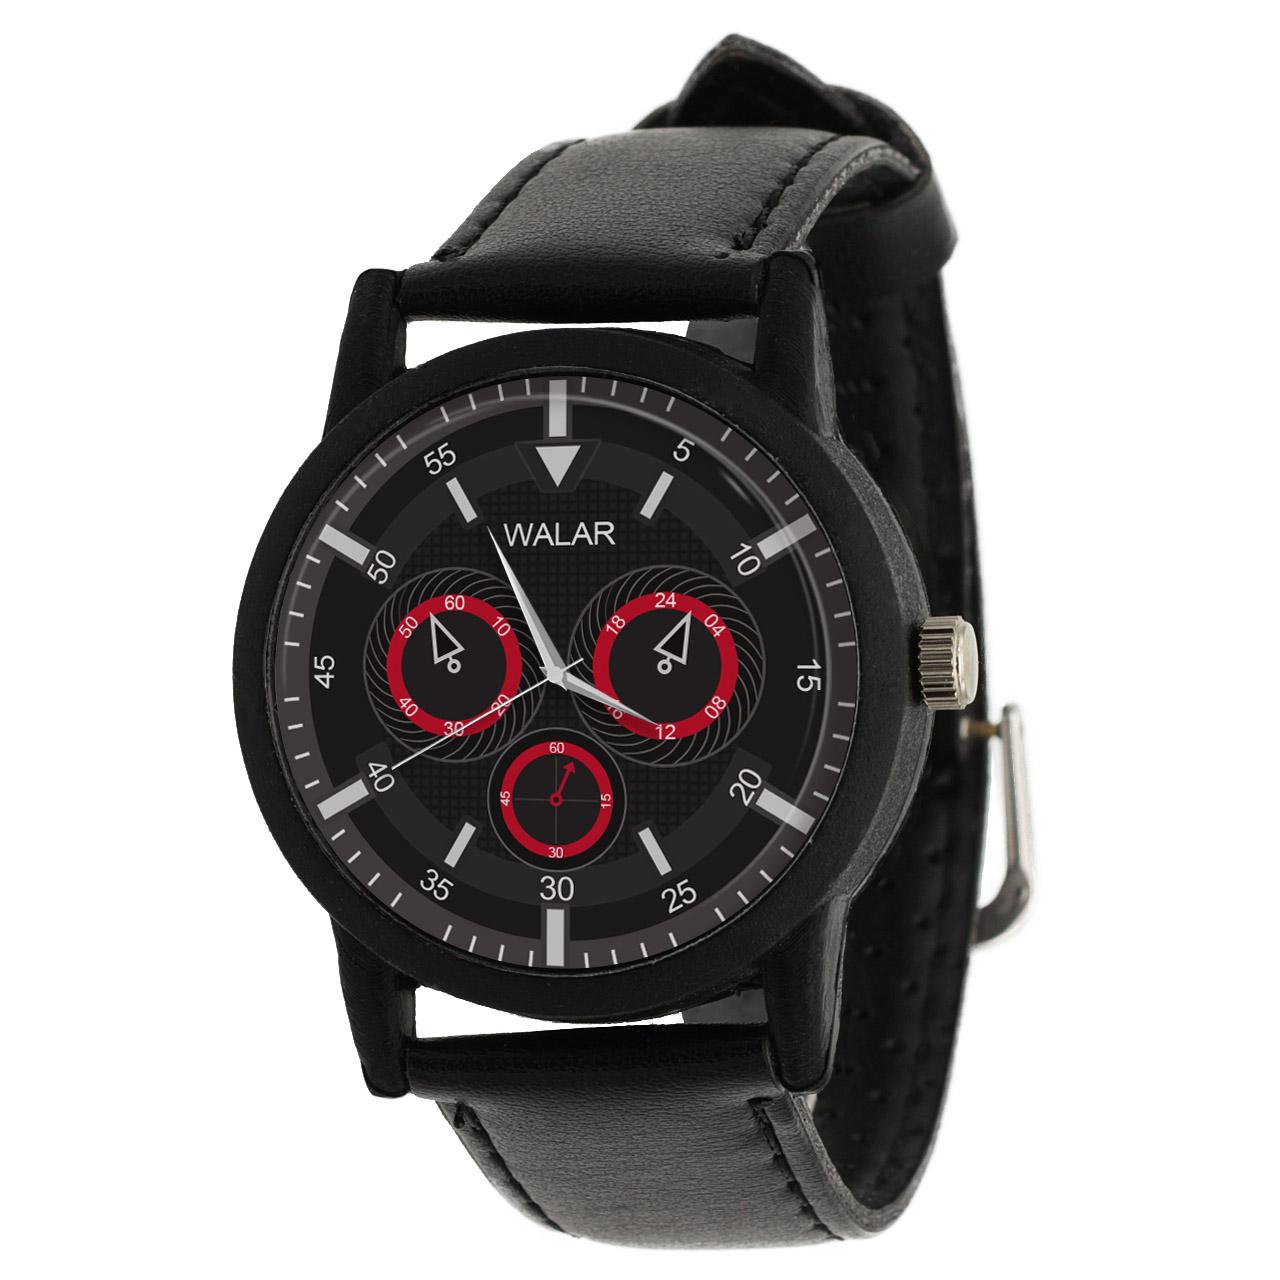 ساعت مچی عقربه ای والار کد LF2877              خرید (⭐️⭐️⭐️)